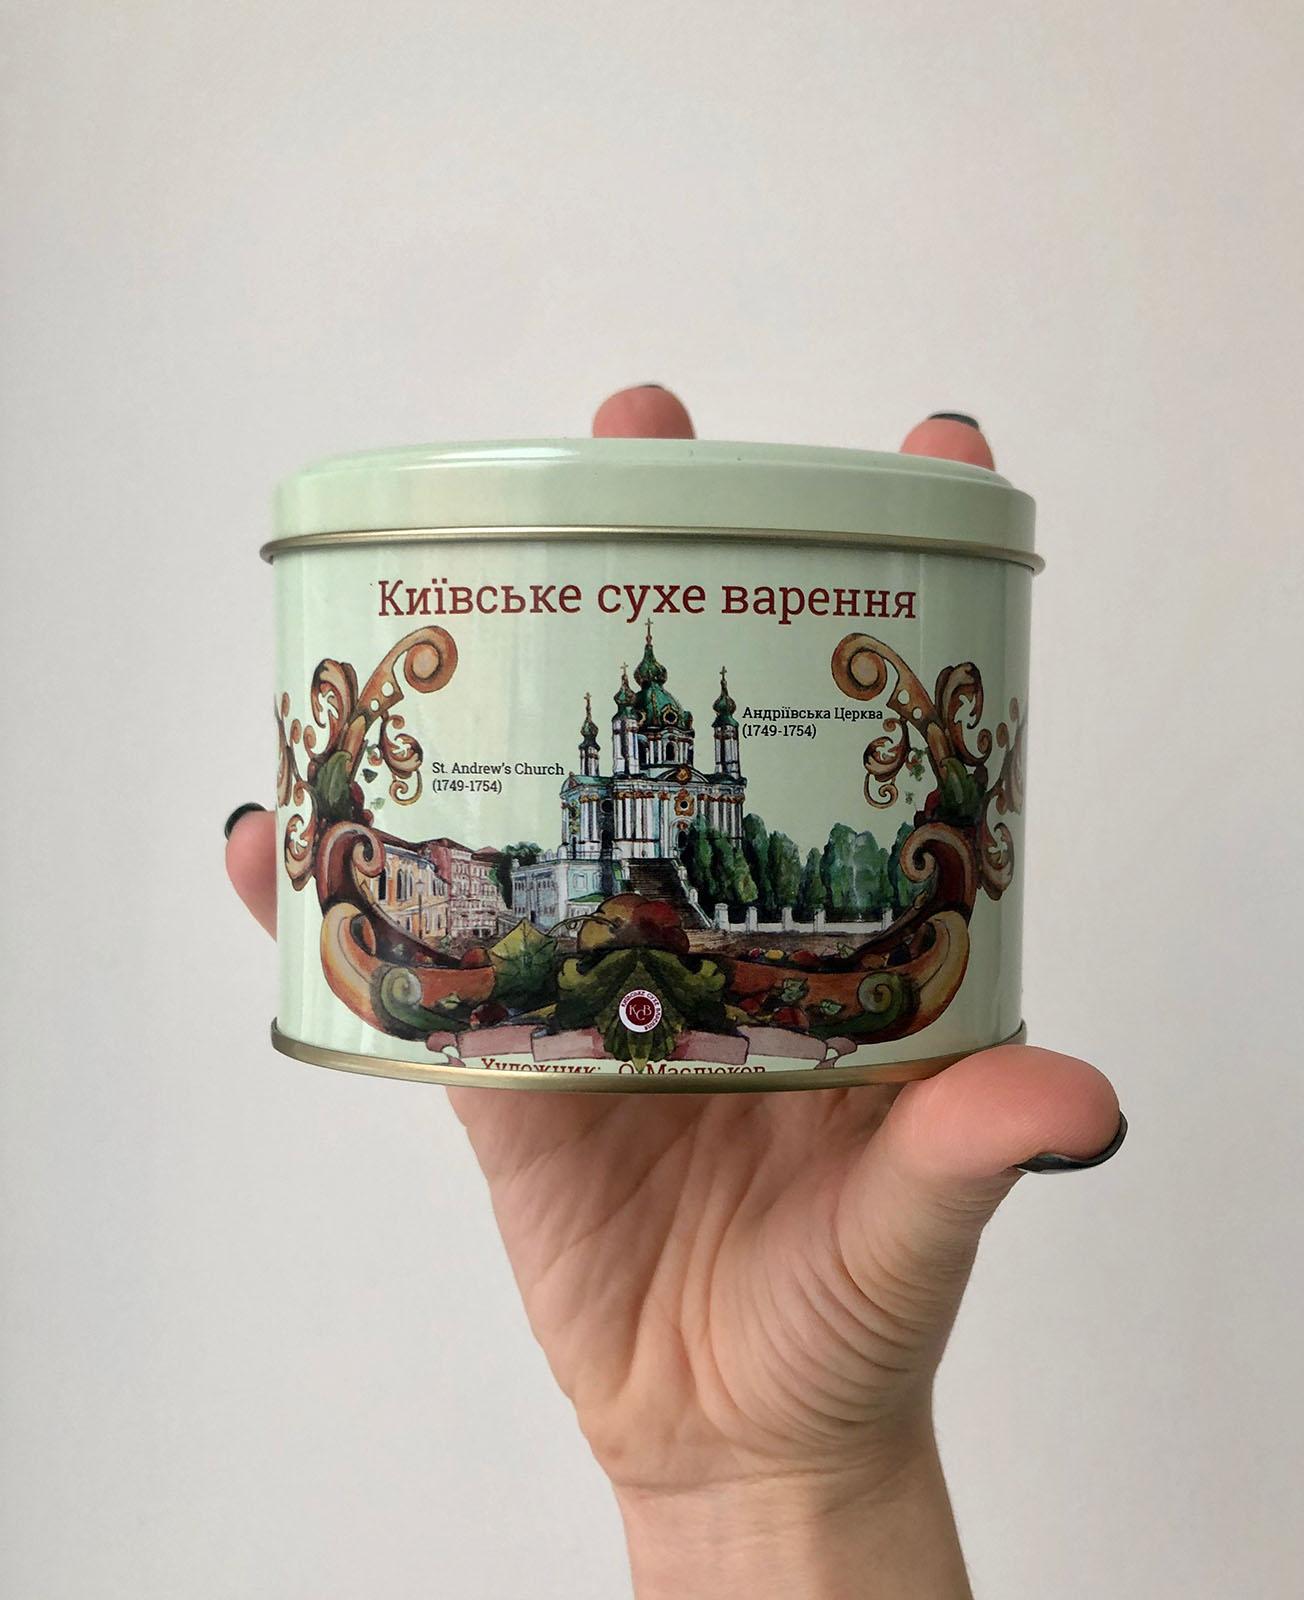 Kandierte Früchte aus Kiew